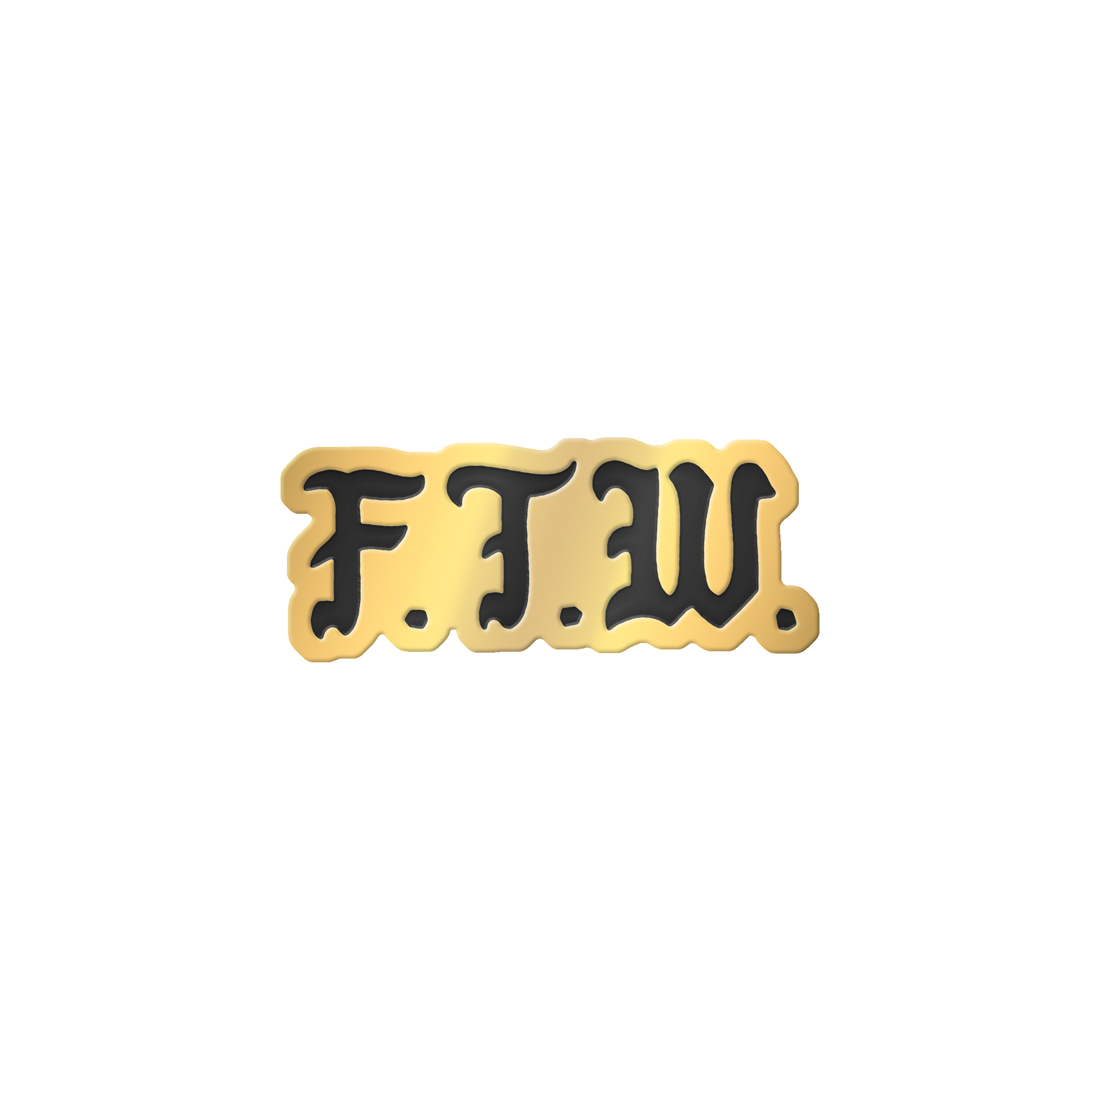 FE-PIN_25.jpg